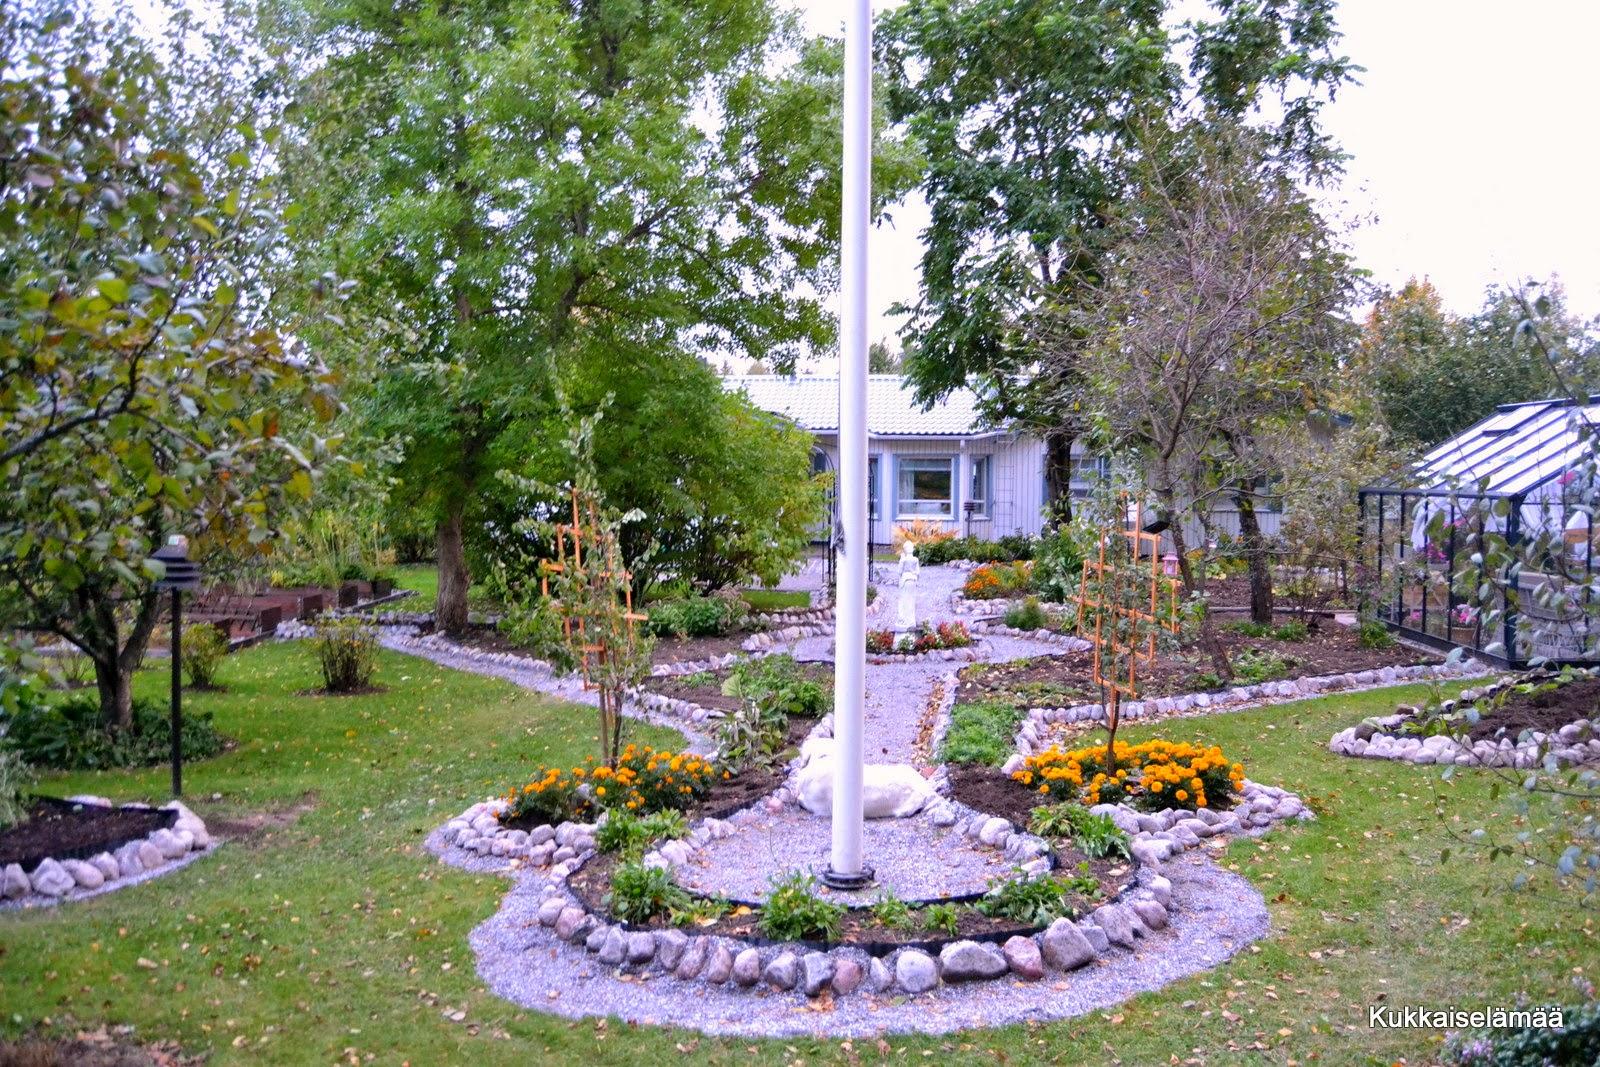 Tulevan puutarhakauden suunnittelua – Garden plans